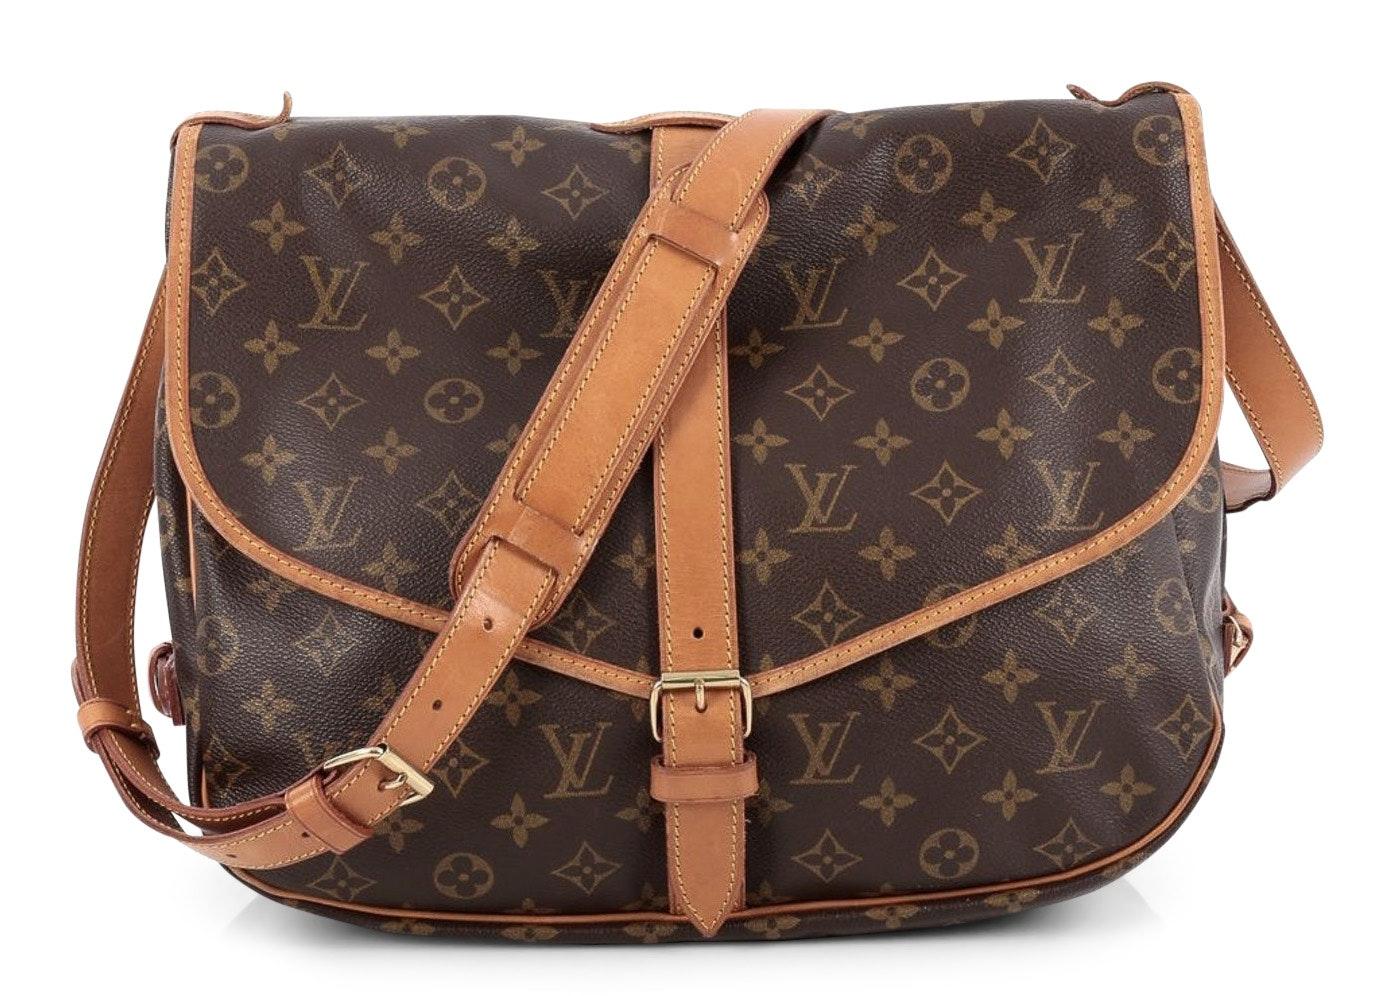 Louis Vuitton Saumur Monogram 35 Brown